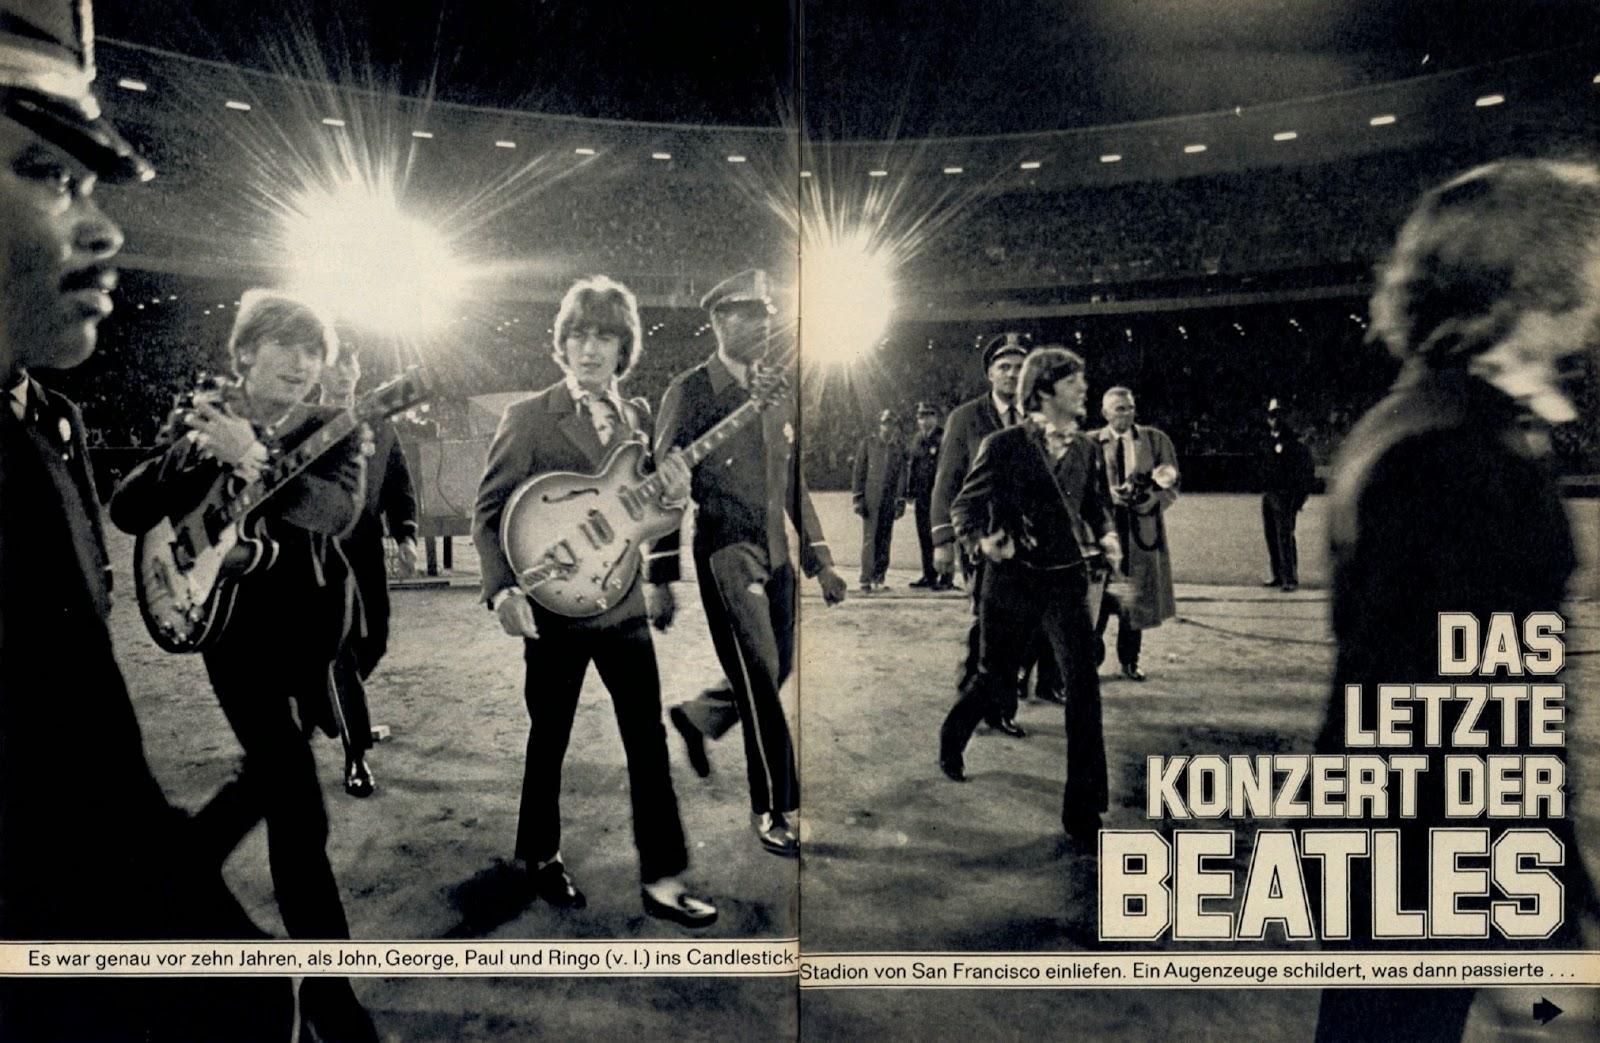 Beatles Letztes Konzert